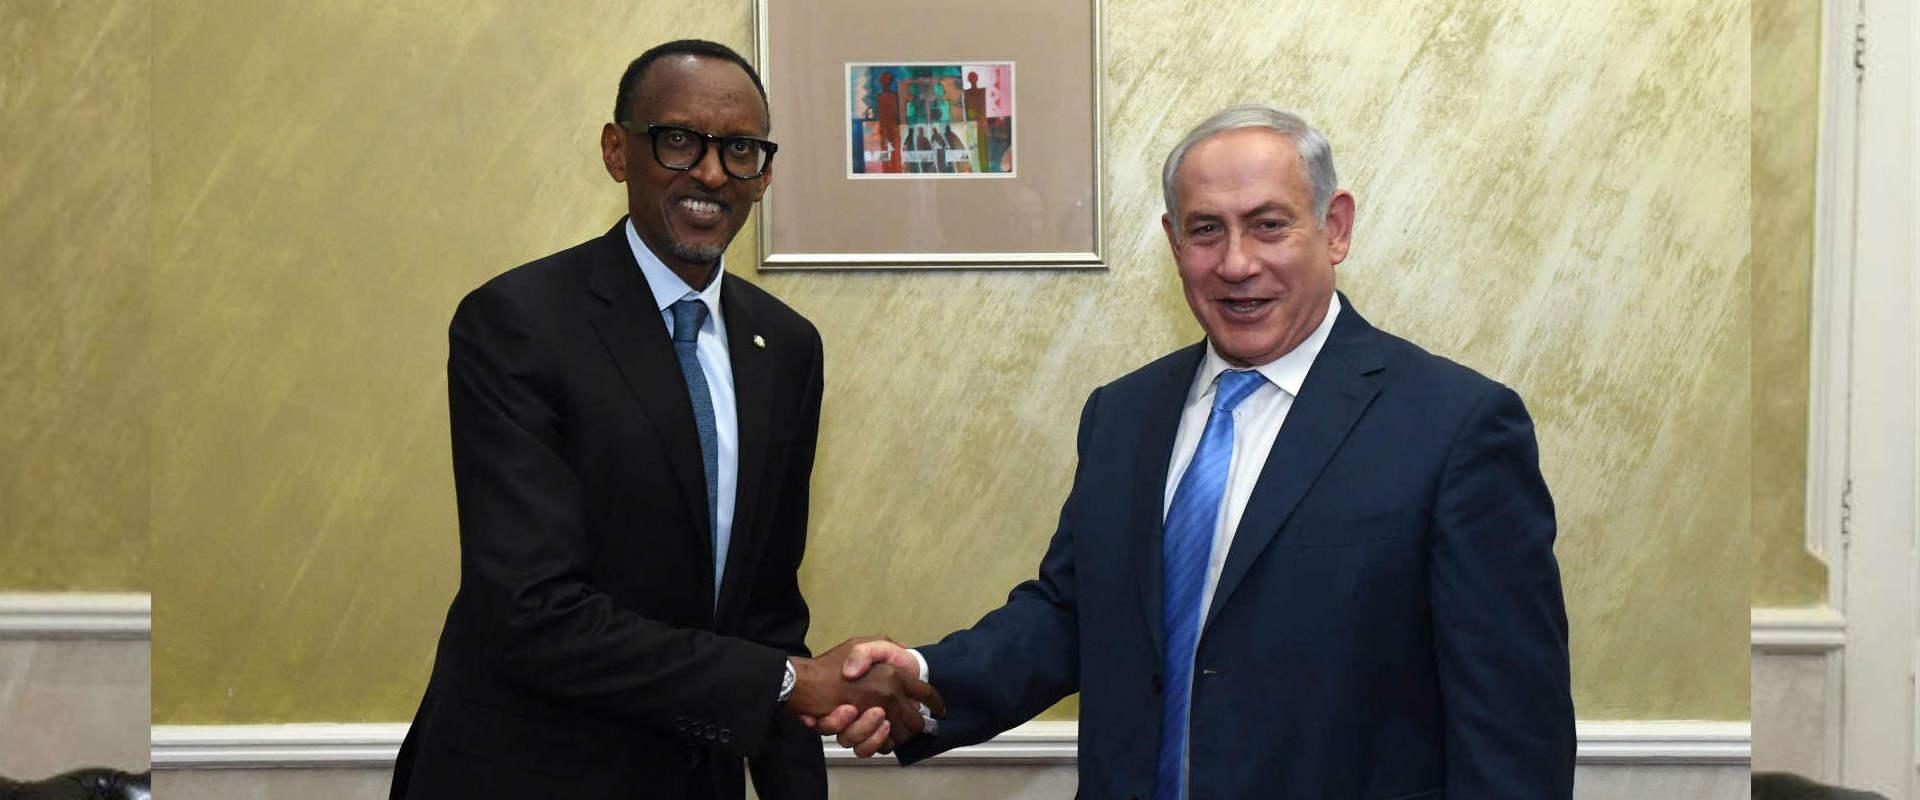 """רה""""מ נתניהו לצד נשיא רואנדה פול קגאמה"""